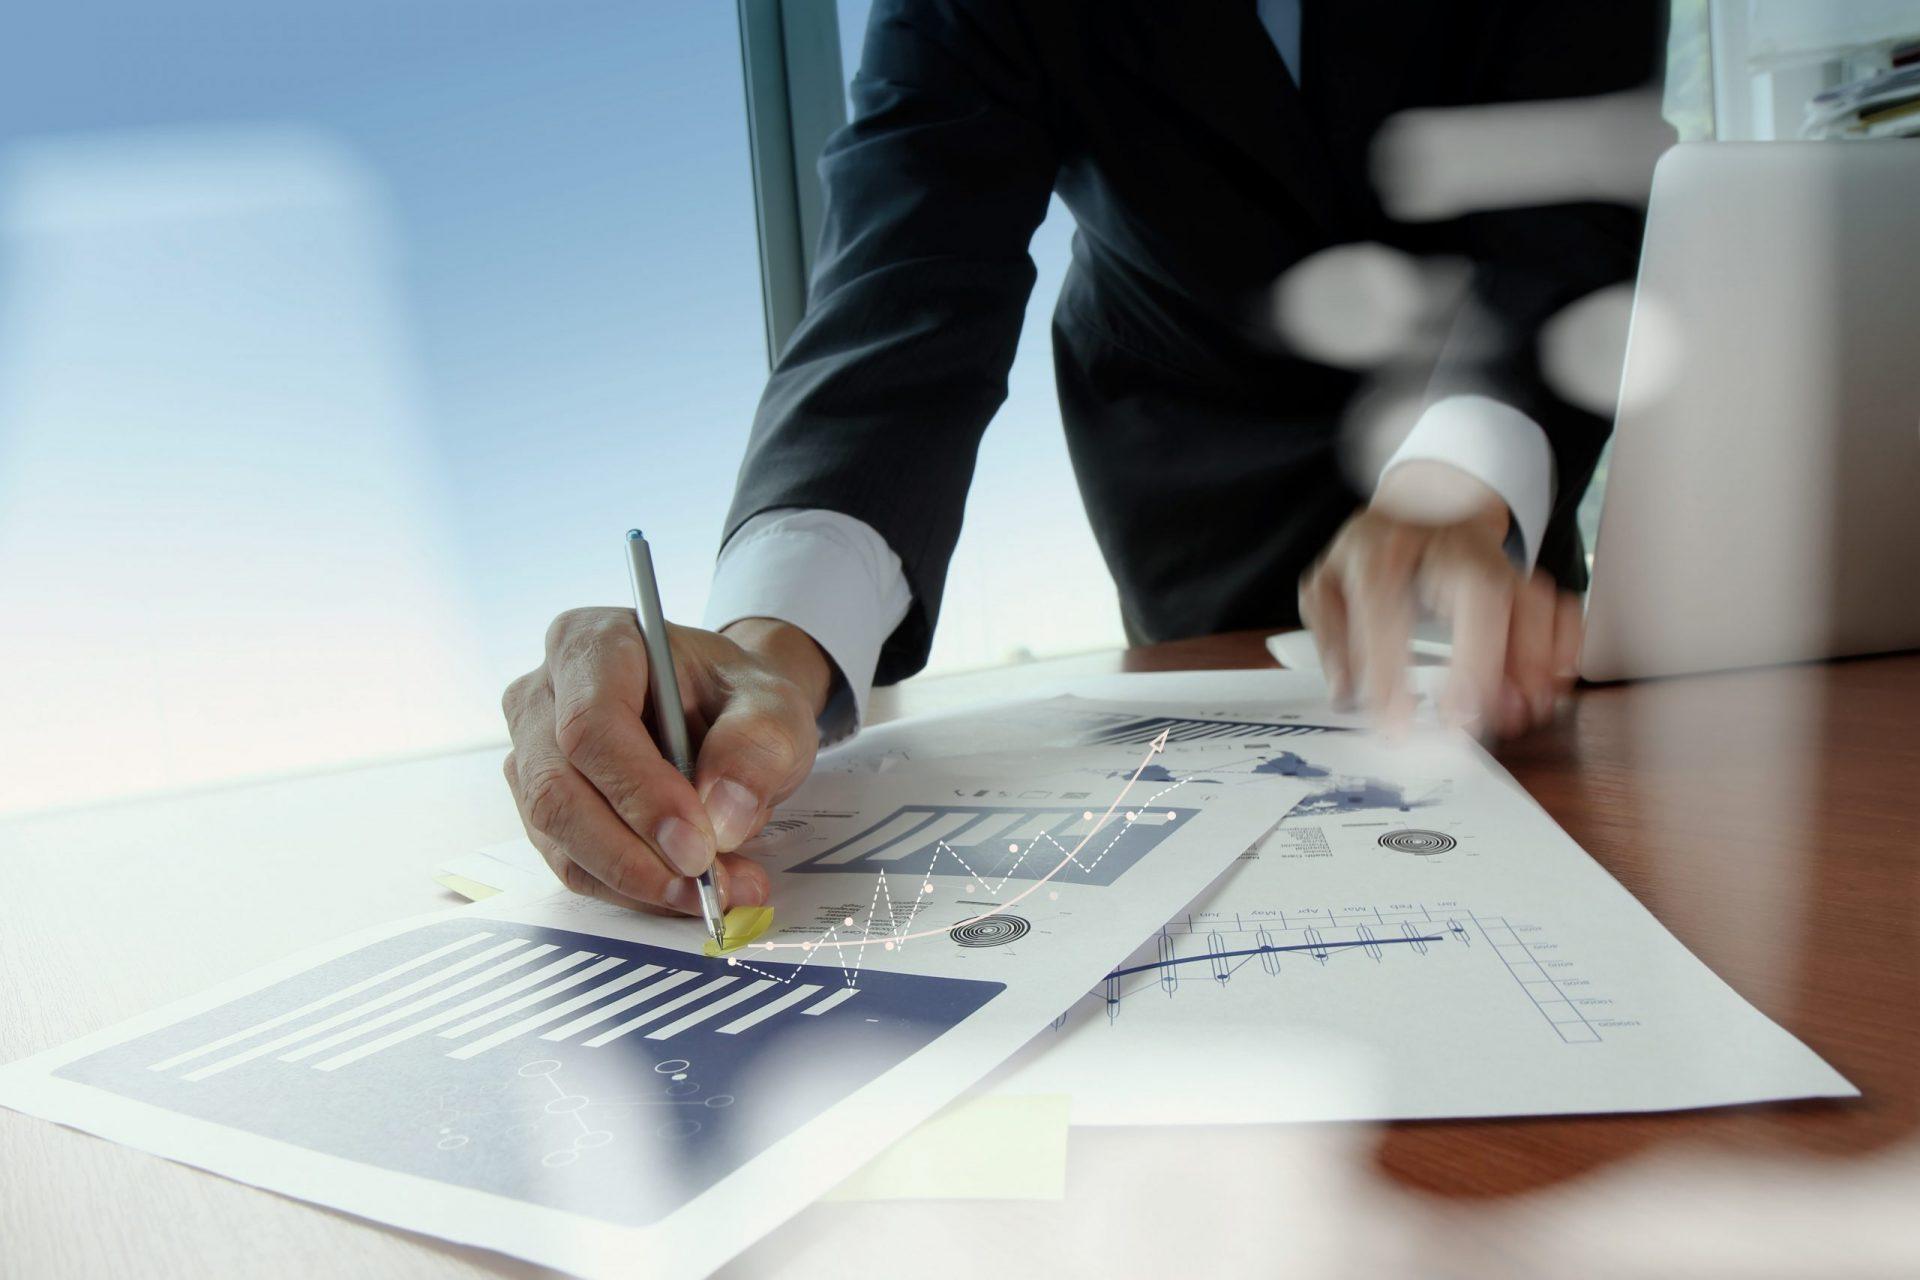 vol.181 成長企業は販促に力を入れる(1)